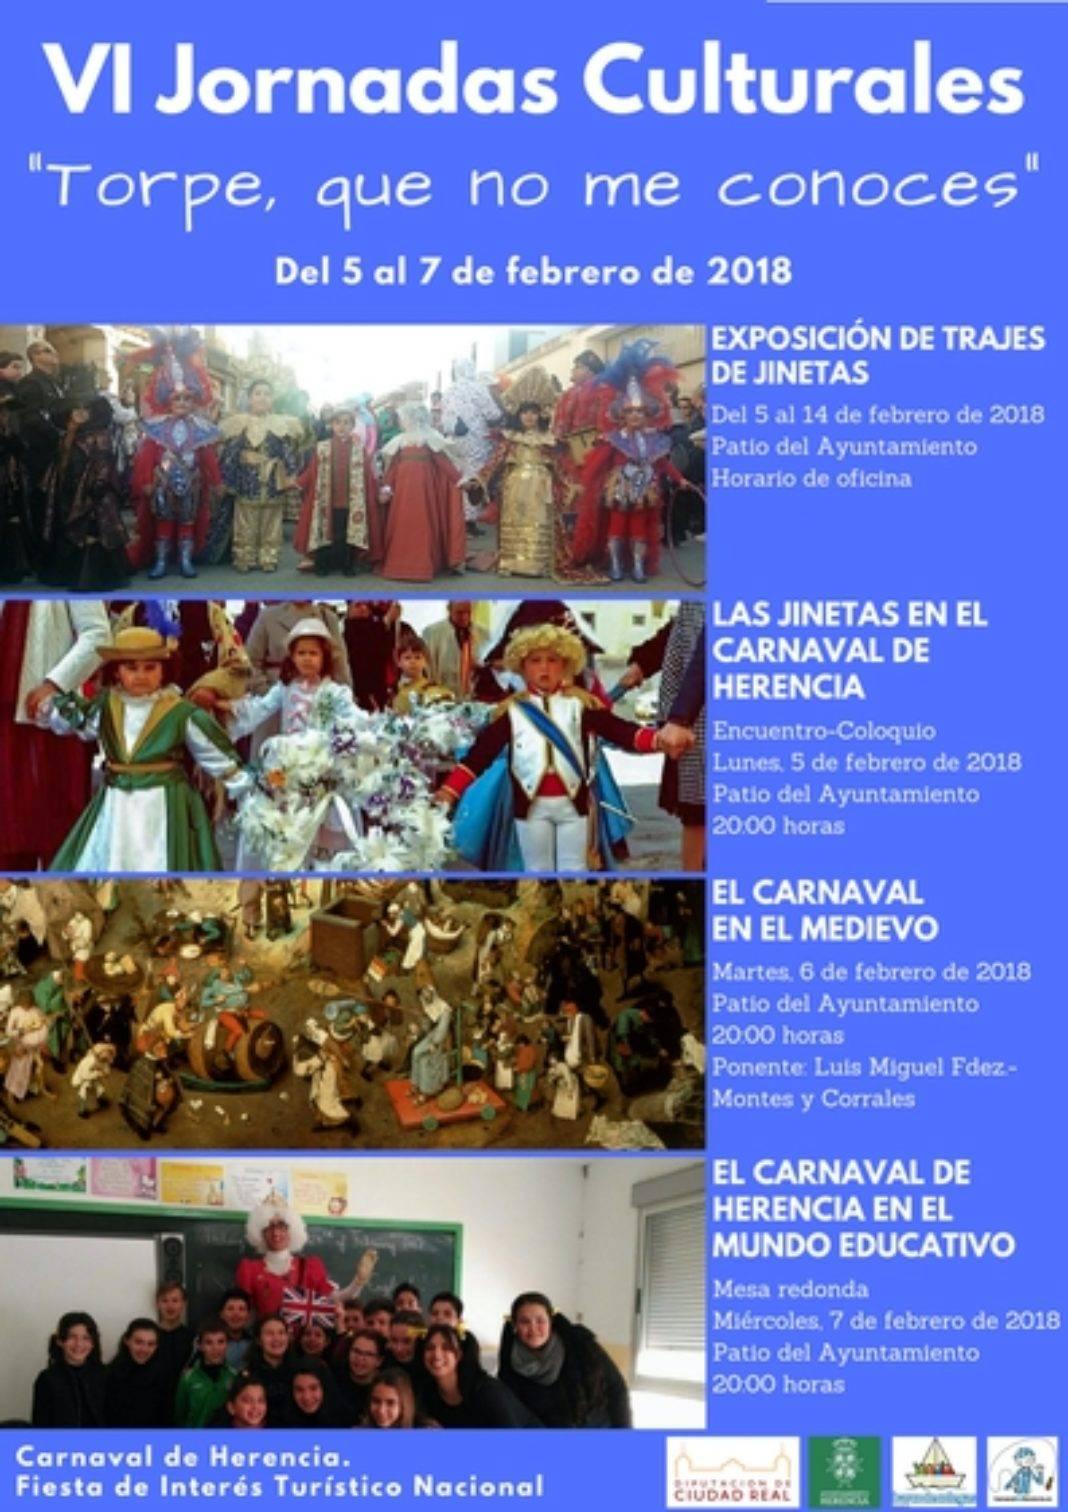 VI Jornadas Culturales: Pasado, presente y futuro del Carnaval de Herencia 8